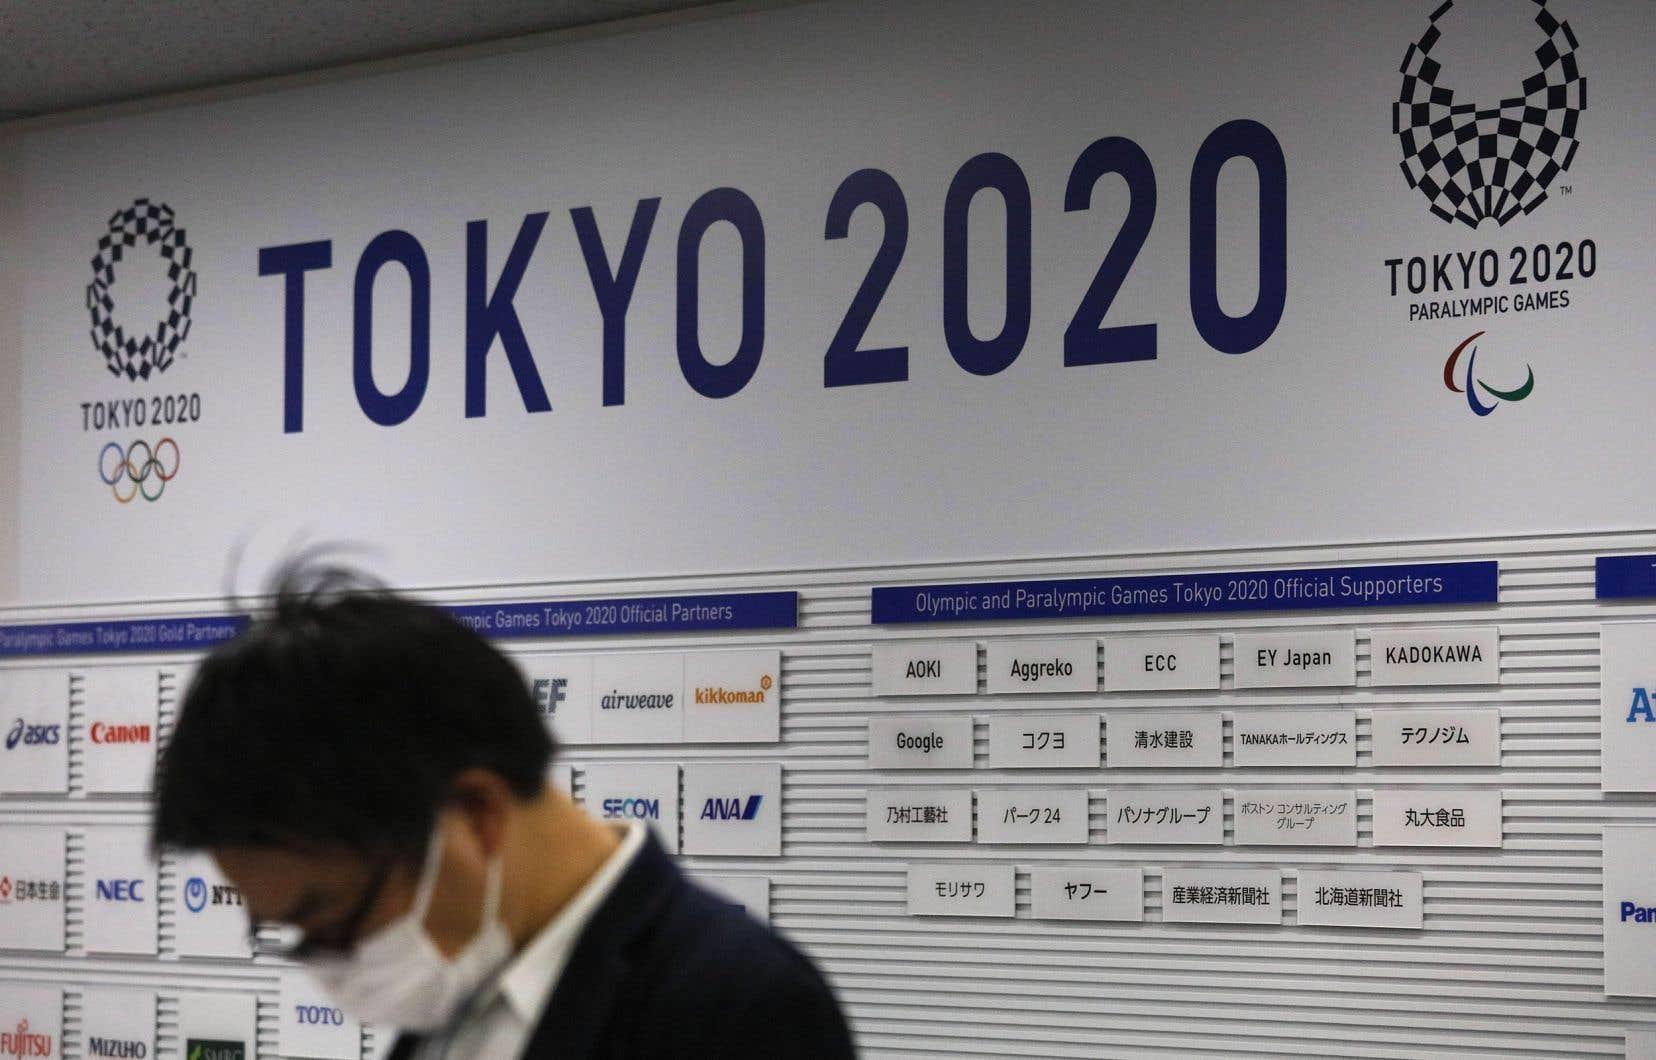 L'annonce du CIO, mardi, de finalement remettre les Jeux de Tokyo à 2021 a donc été accueillie avec des sentiments positifs.